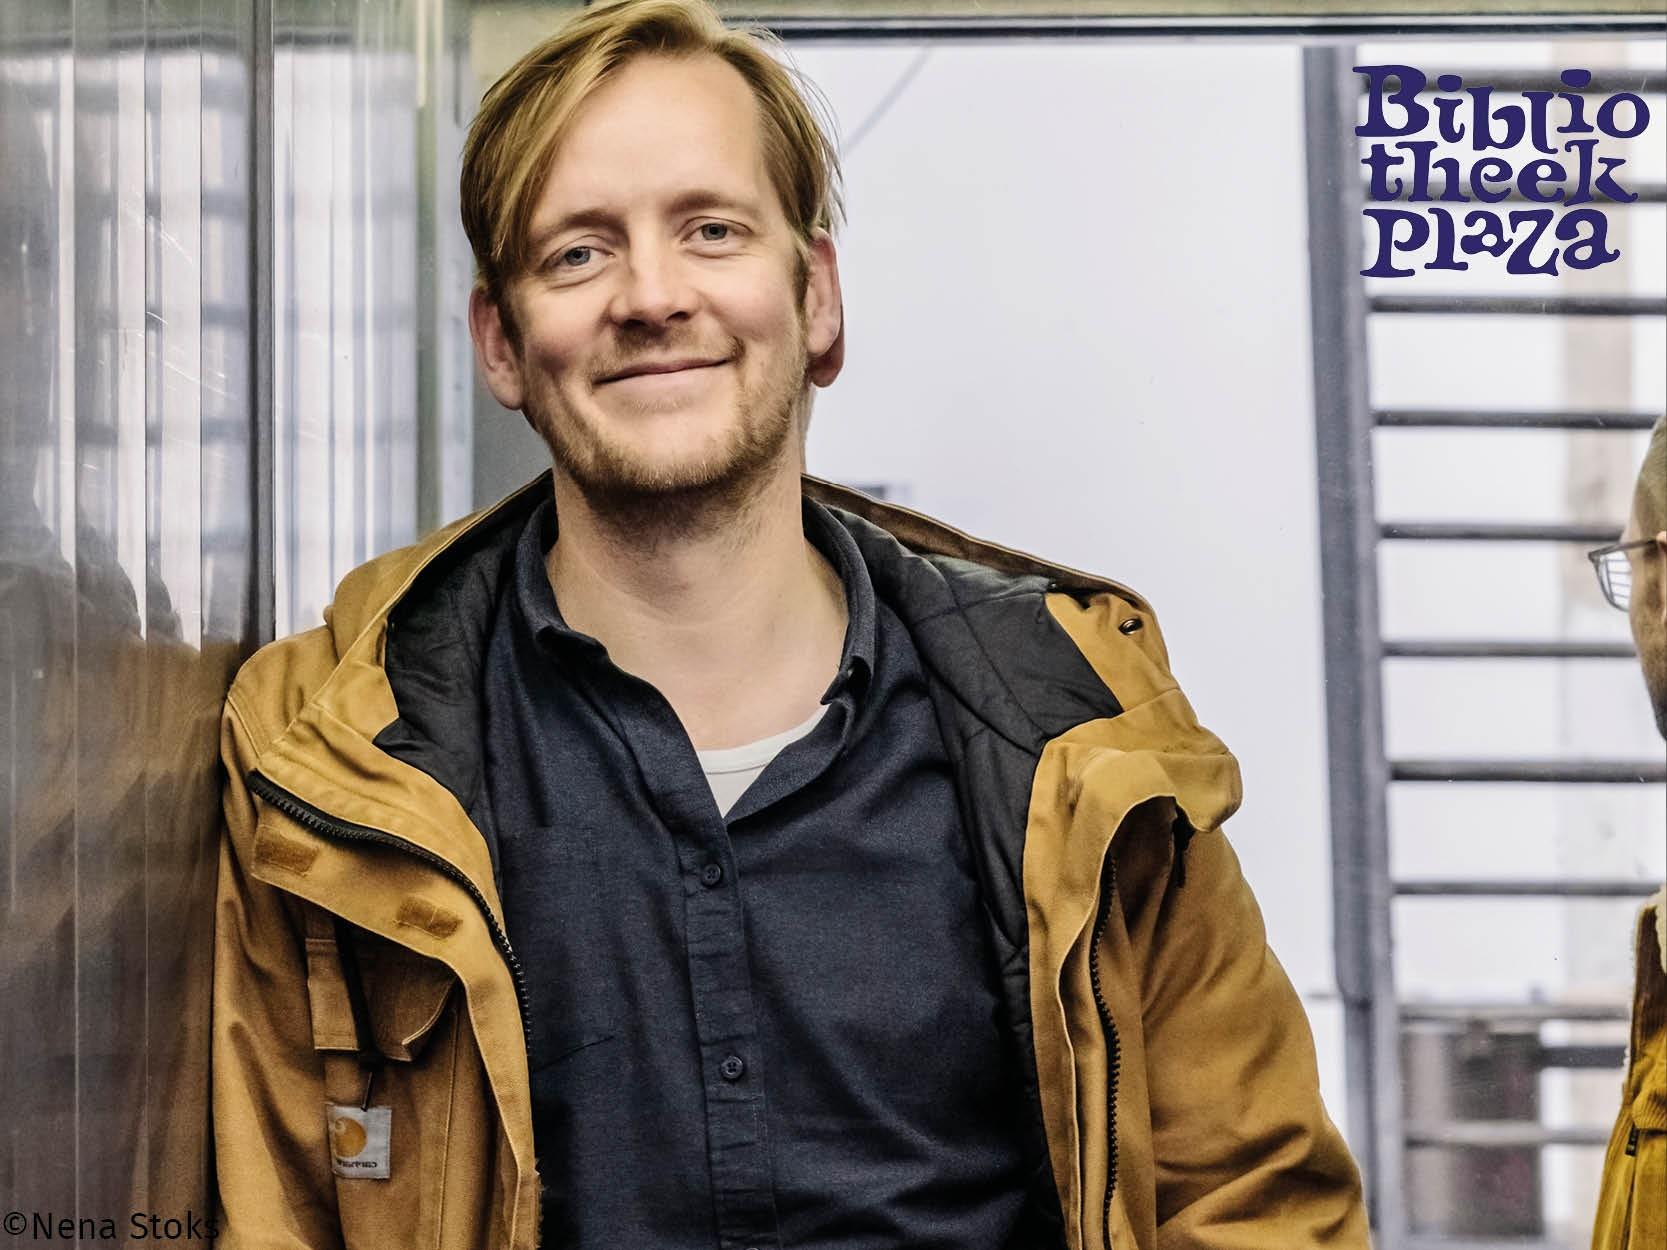 Update: Sander Heijne op Bibliotheekplaza